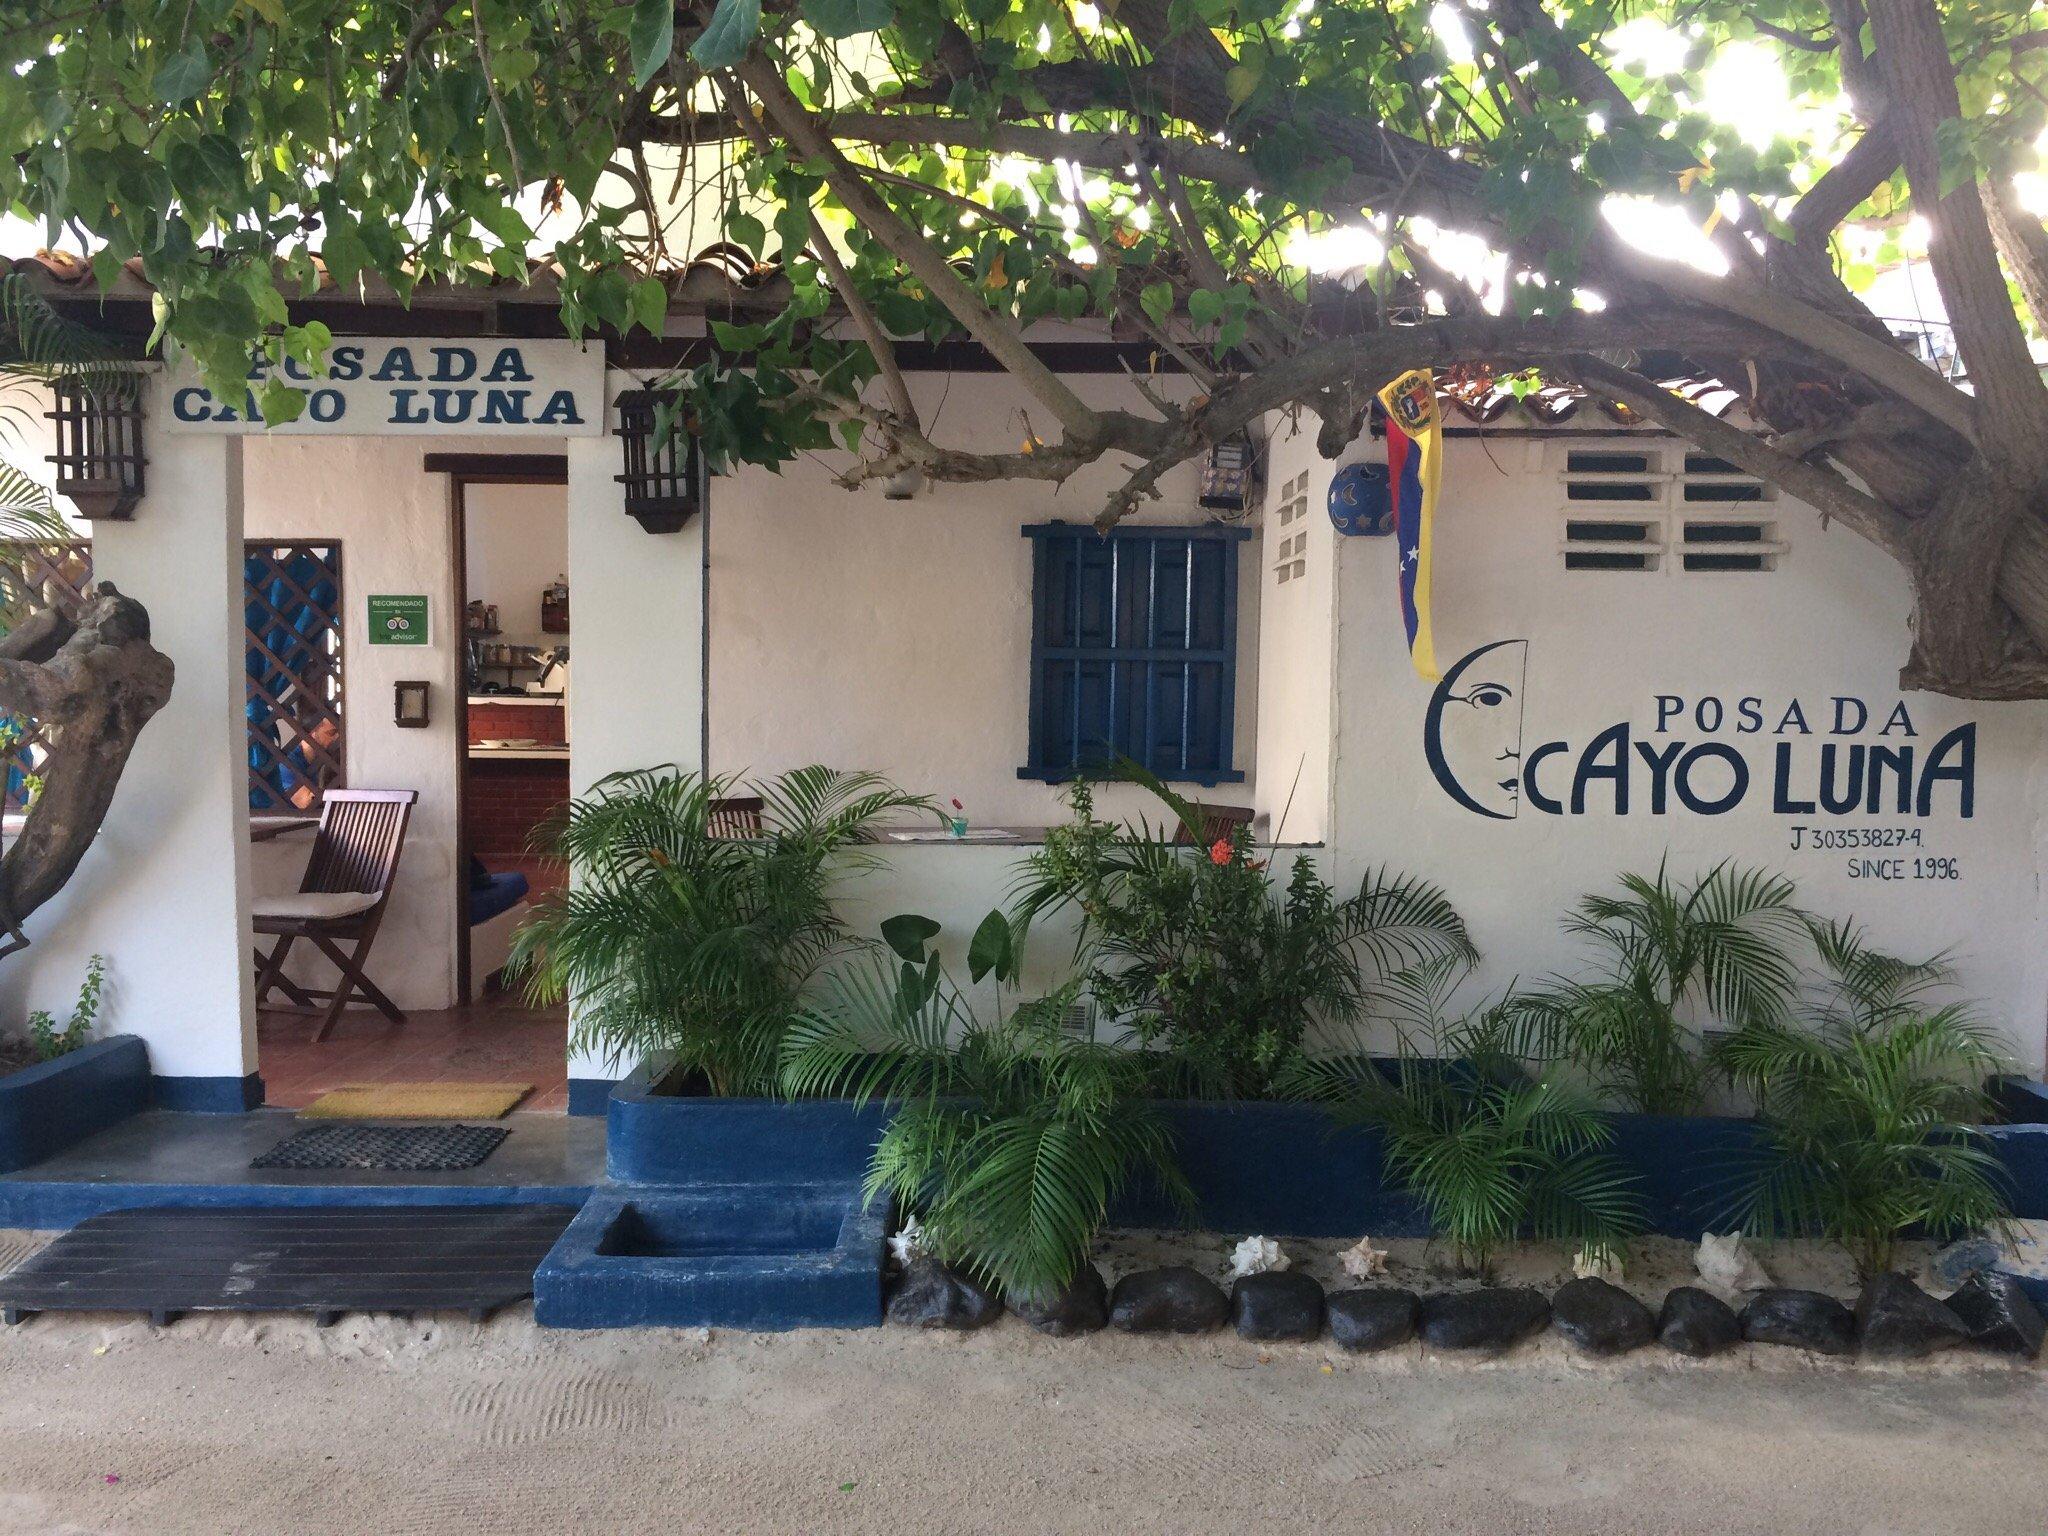 Posada Cayo Luna en Los Roque 2 Días y 1 Noche Con Excursiones